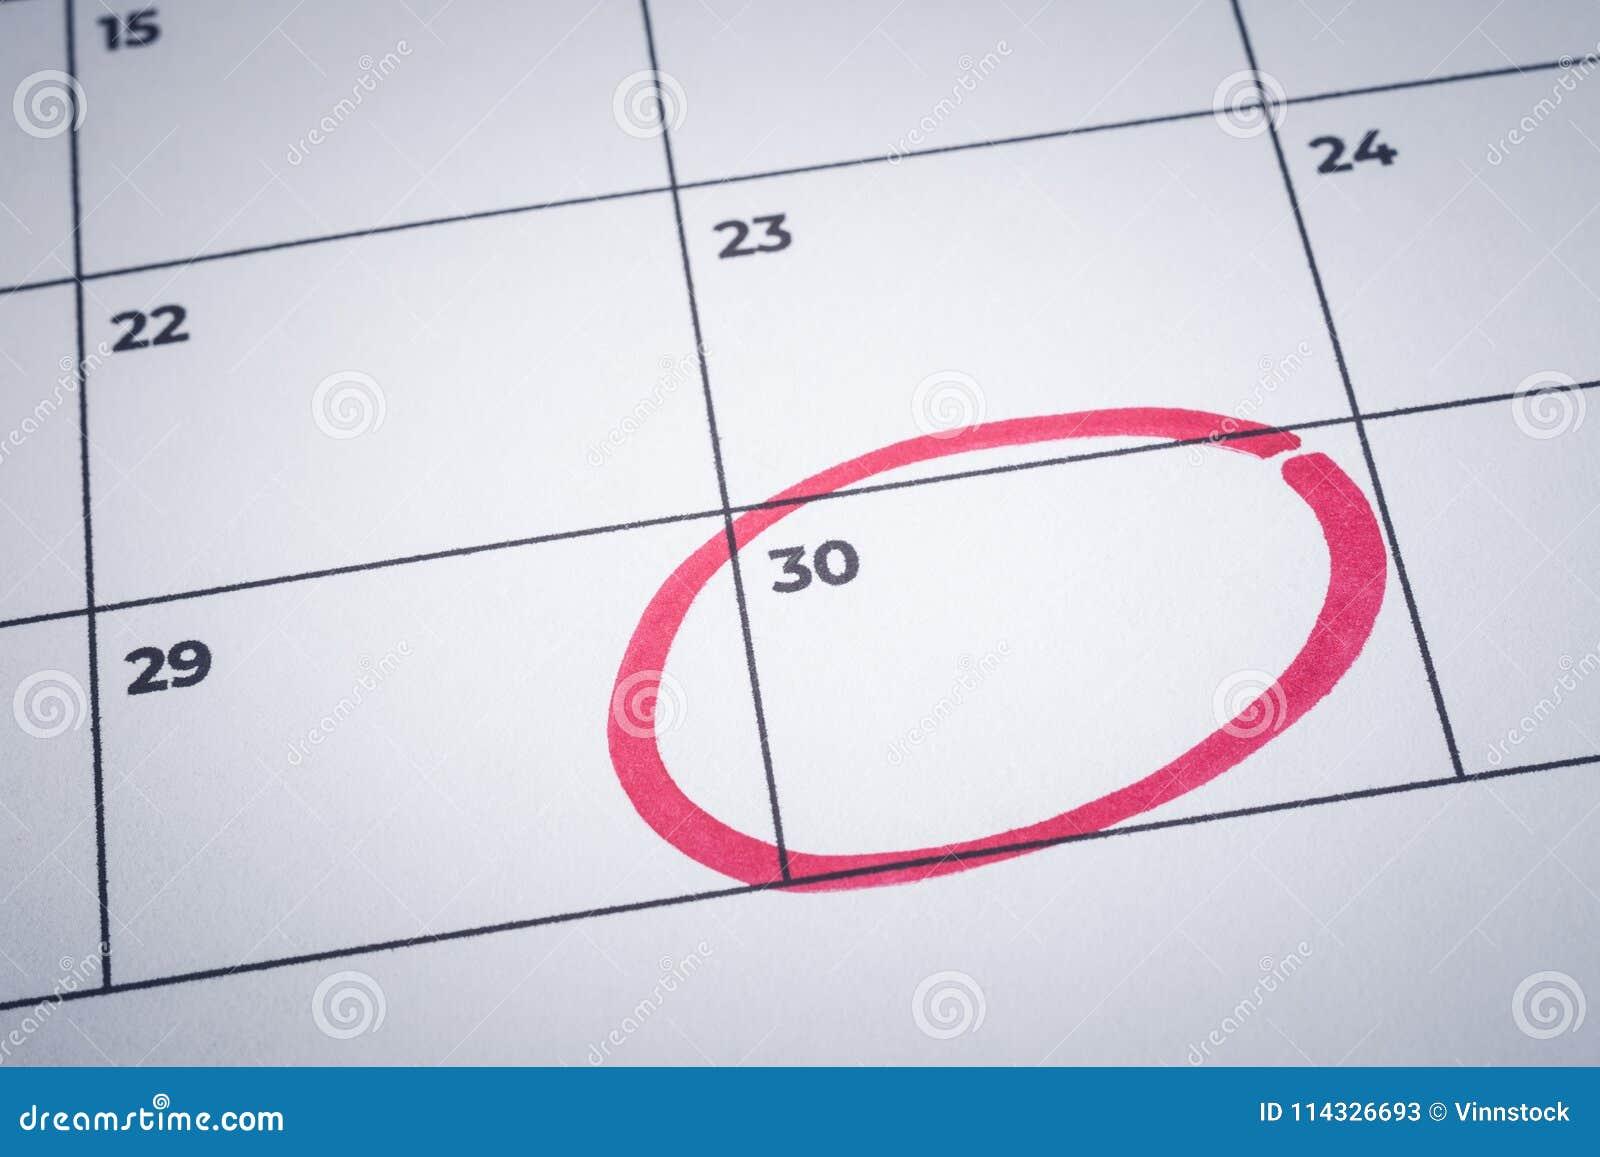 Calendario Segni.Segni La Conclusione Del Mese Ricordo Del Calendario Di